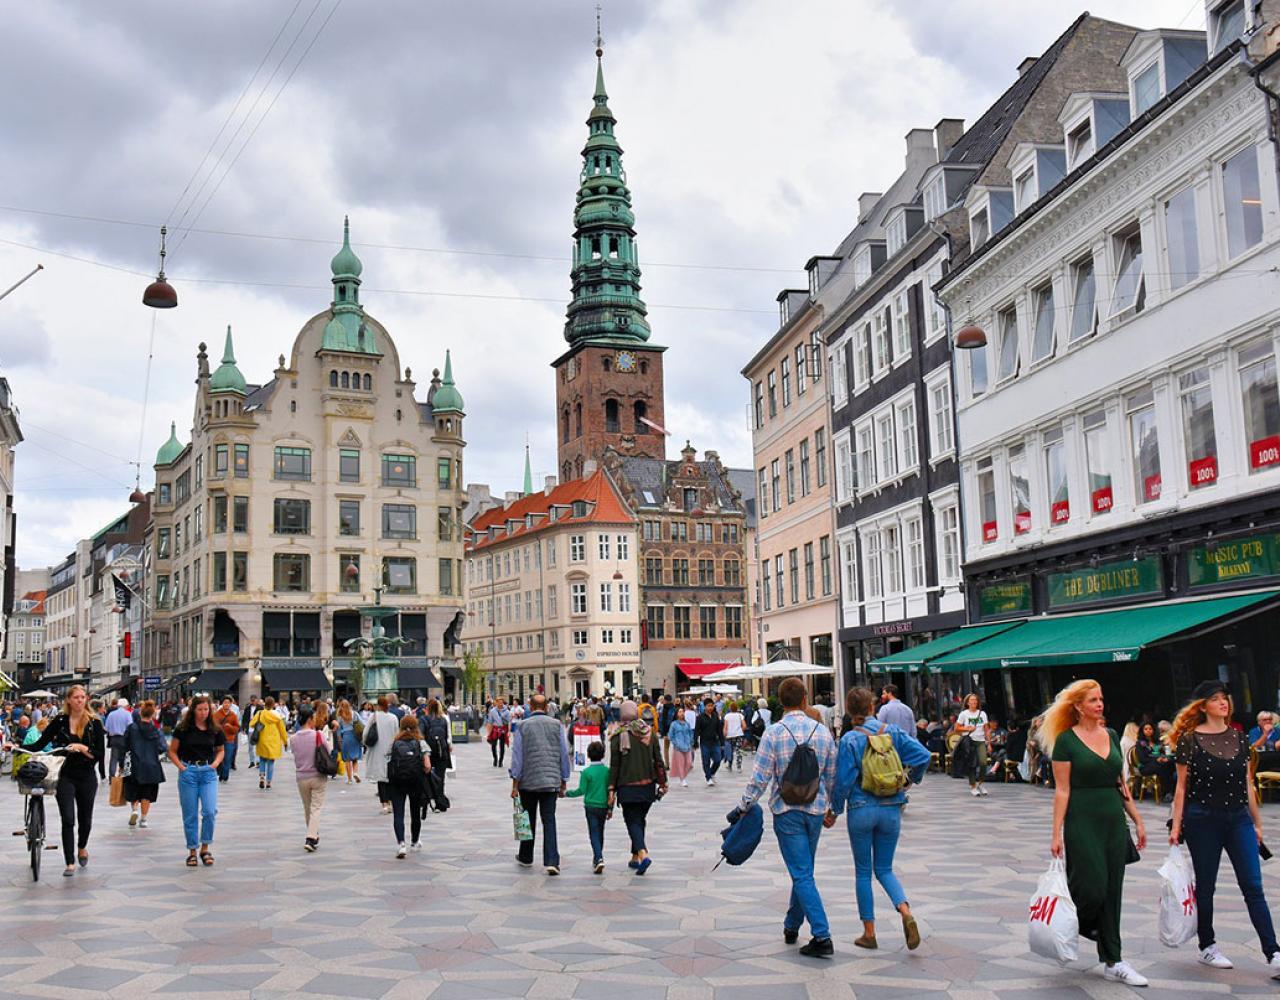 Faldende befolkningstilvækst i København pga. corona